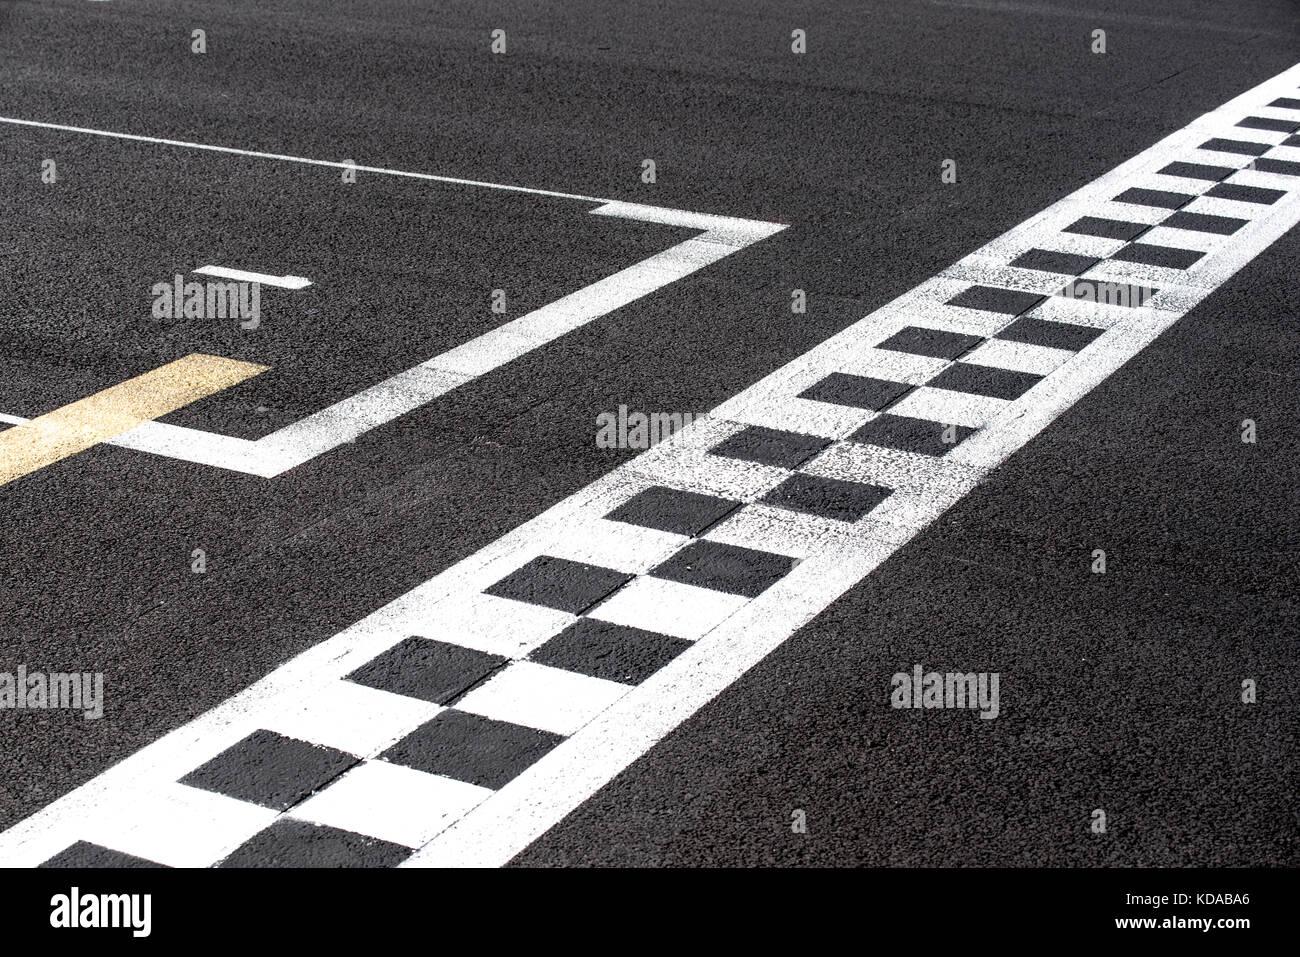 A scacchi la linea di finitura e pole position accedi motor sport racing via concetto di numero superiore di una Immagini Stock